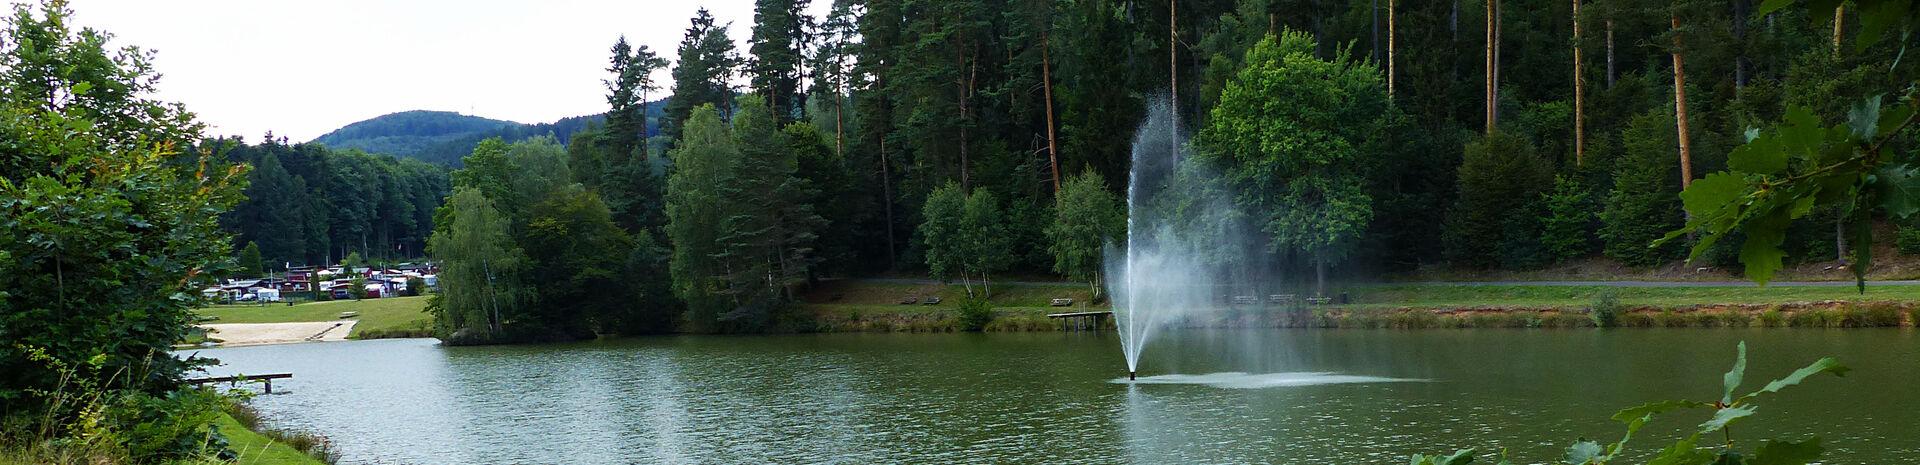 Silbersee mit Campingplatz - Bildaufnahme durch Horst Roth